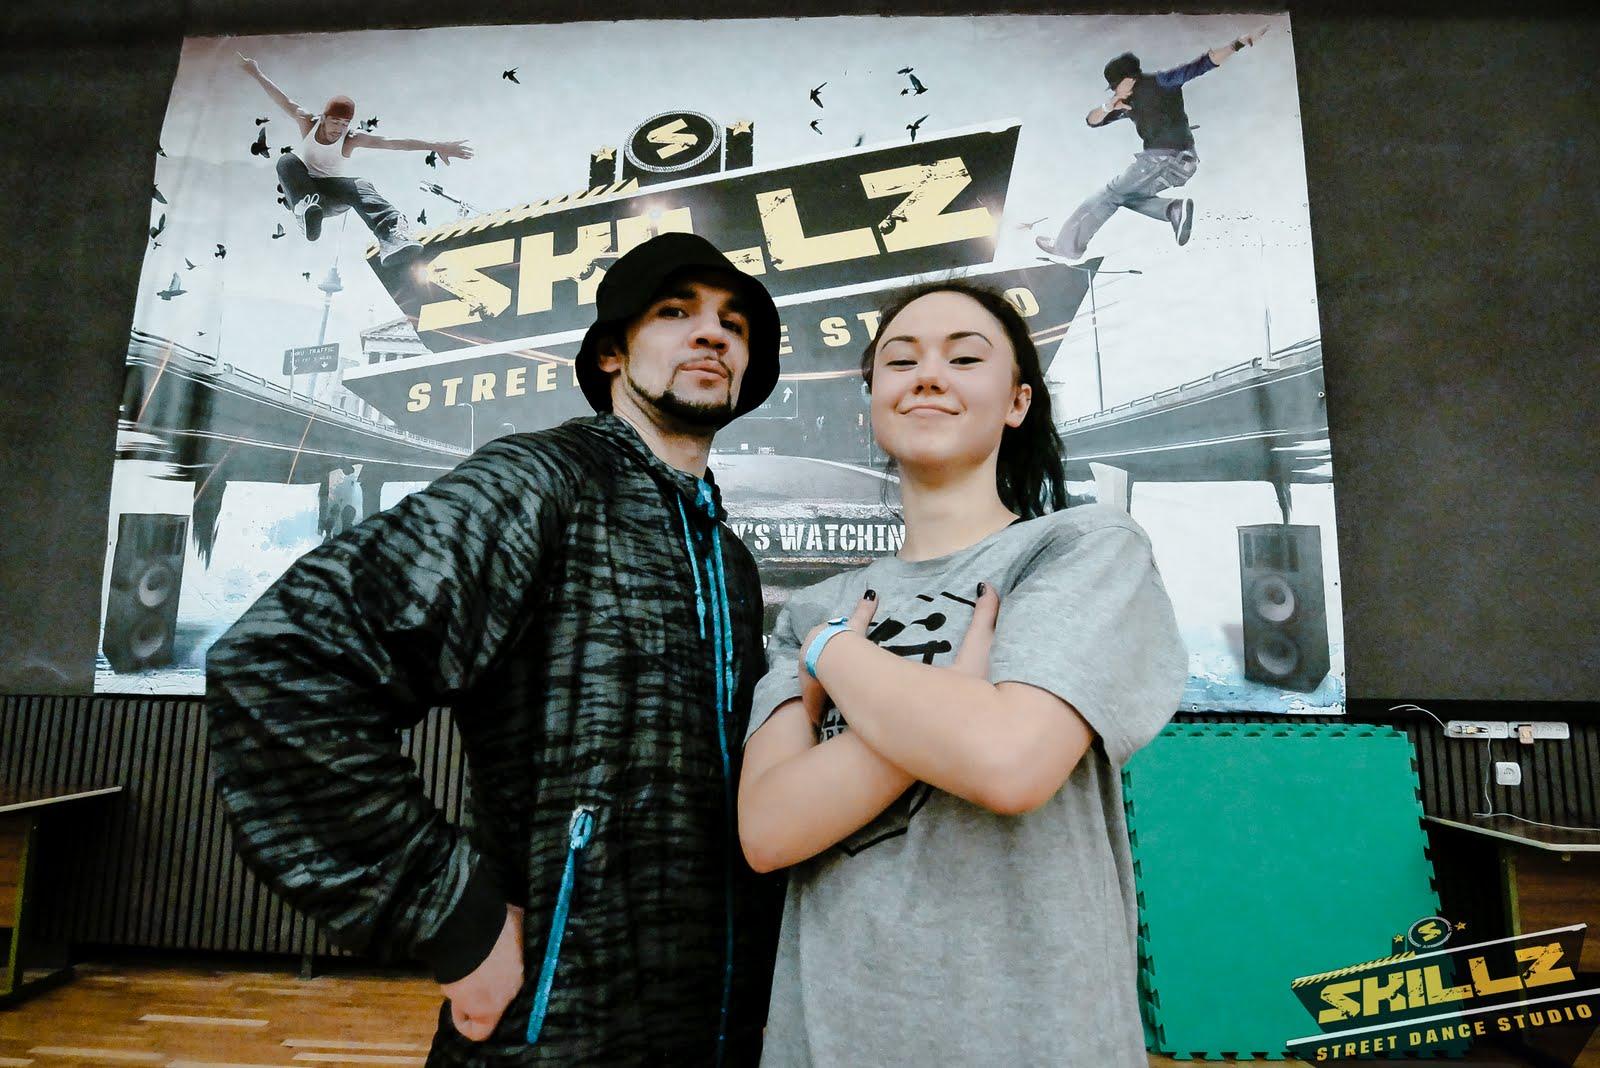 Hip hop seminaras su Jeka iš Maskvos - _1050304.jpg